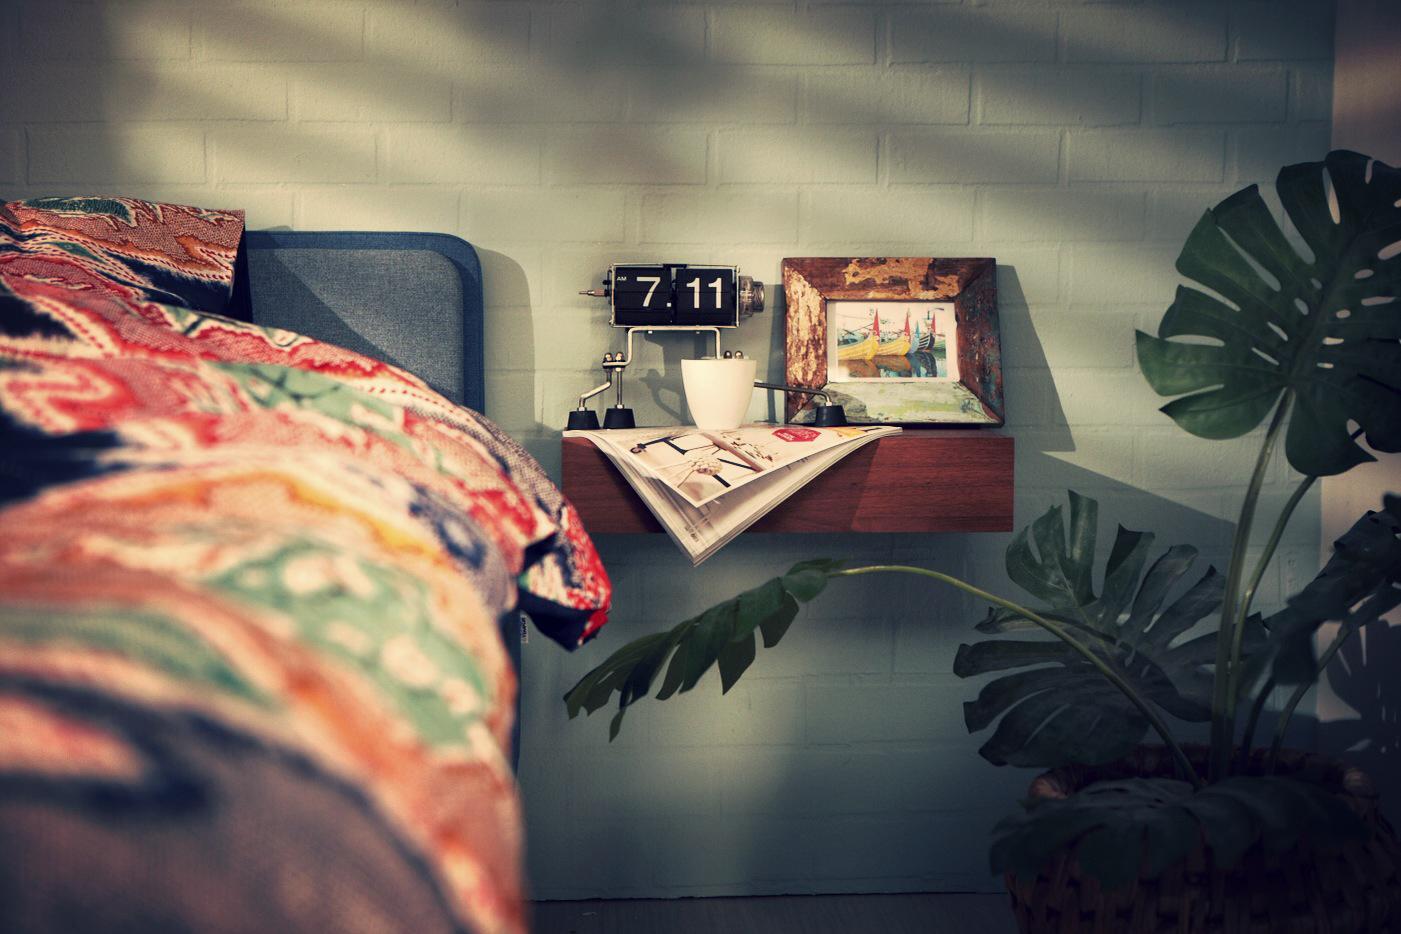 philips-bedroom